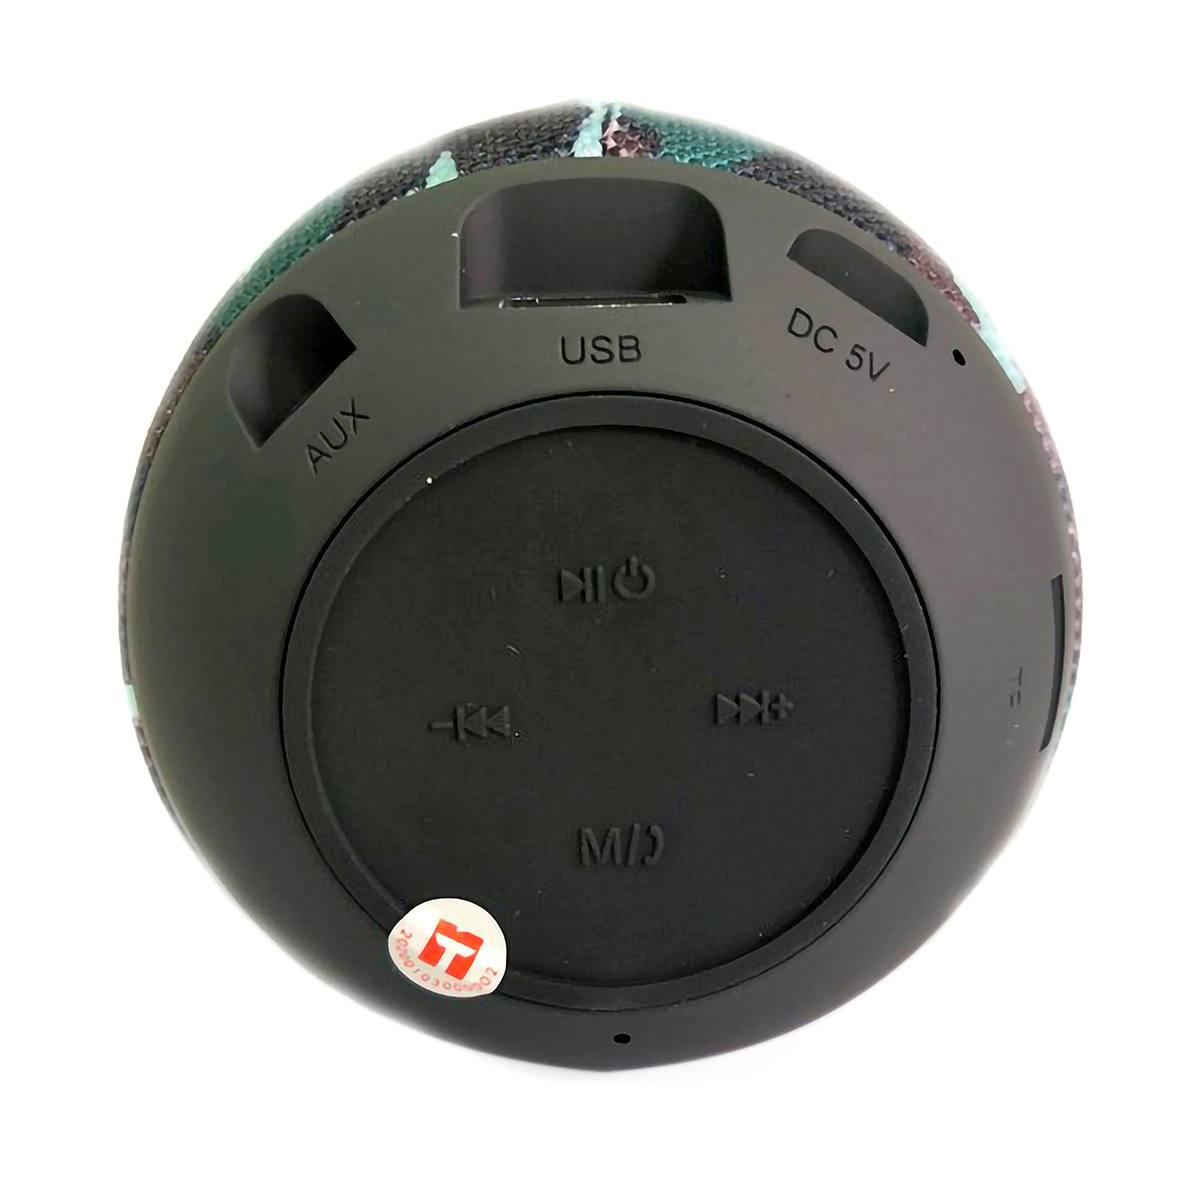 Caixa de Som Bluetooth Drum Speaker com TWS USB Micro SD P2 FM Função Atende Telefone Exbom CS-M26BT Camuflada